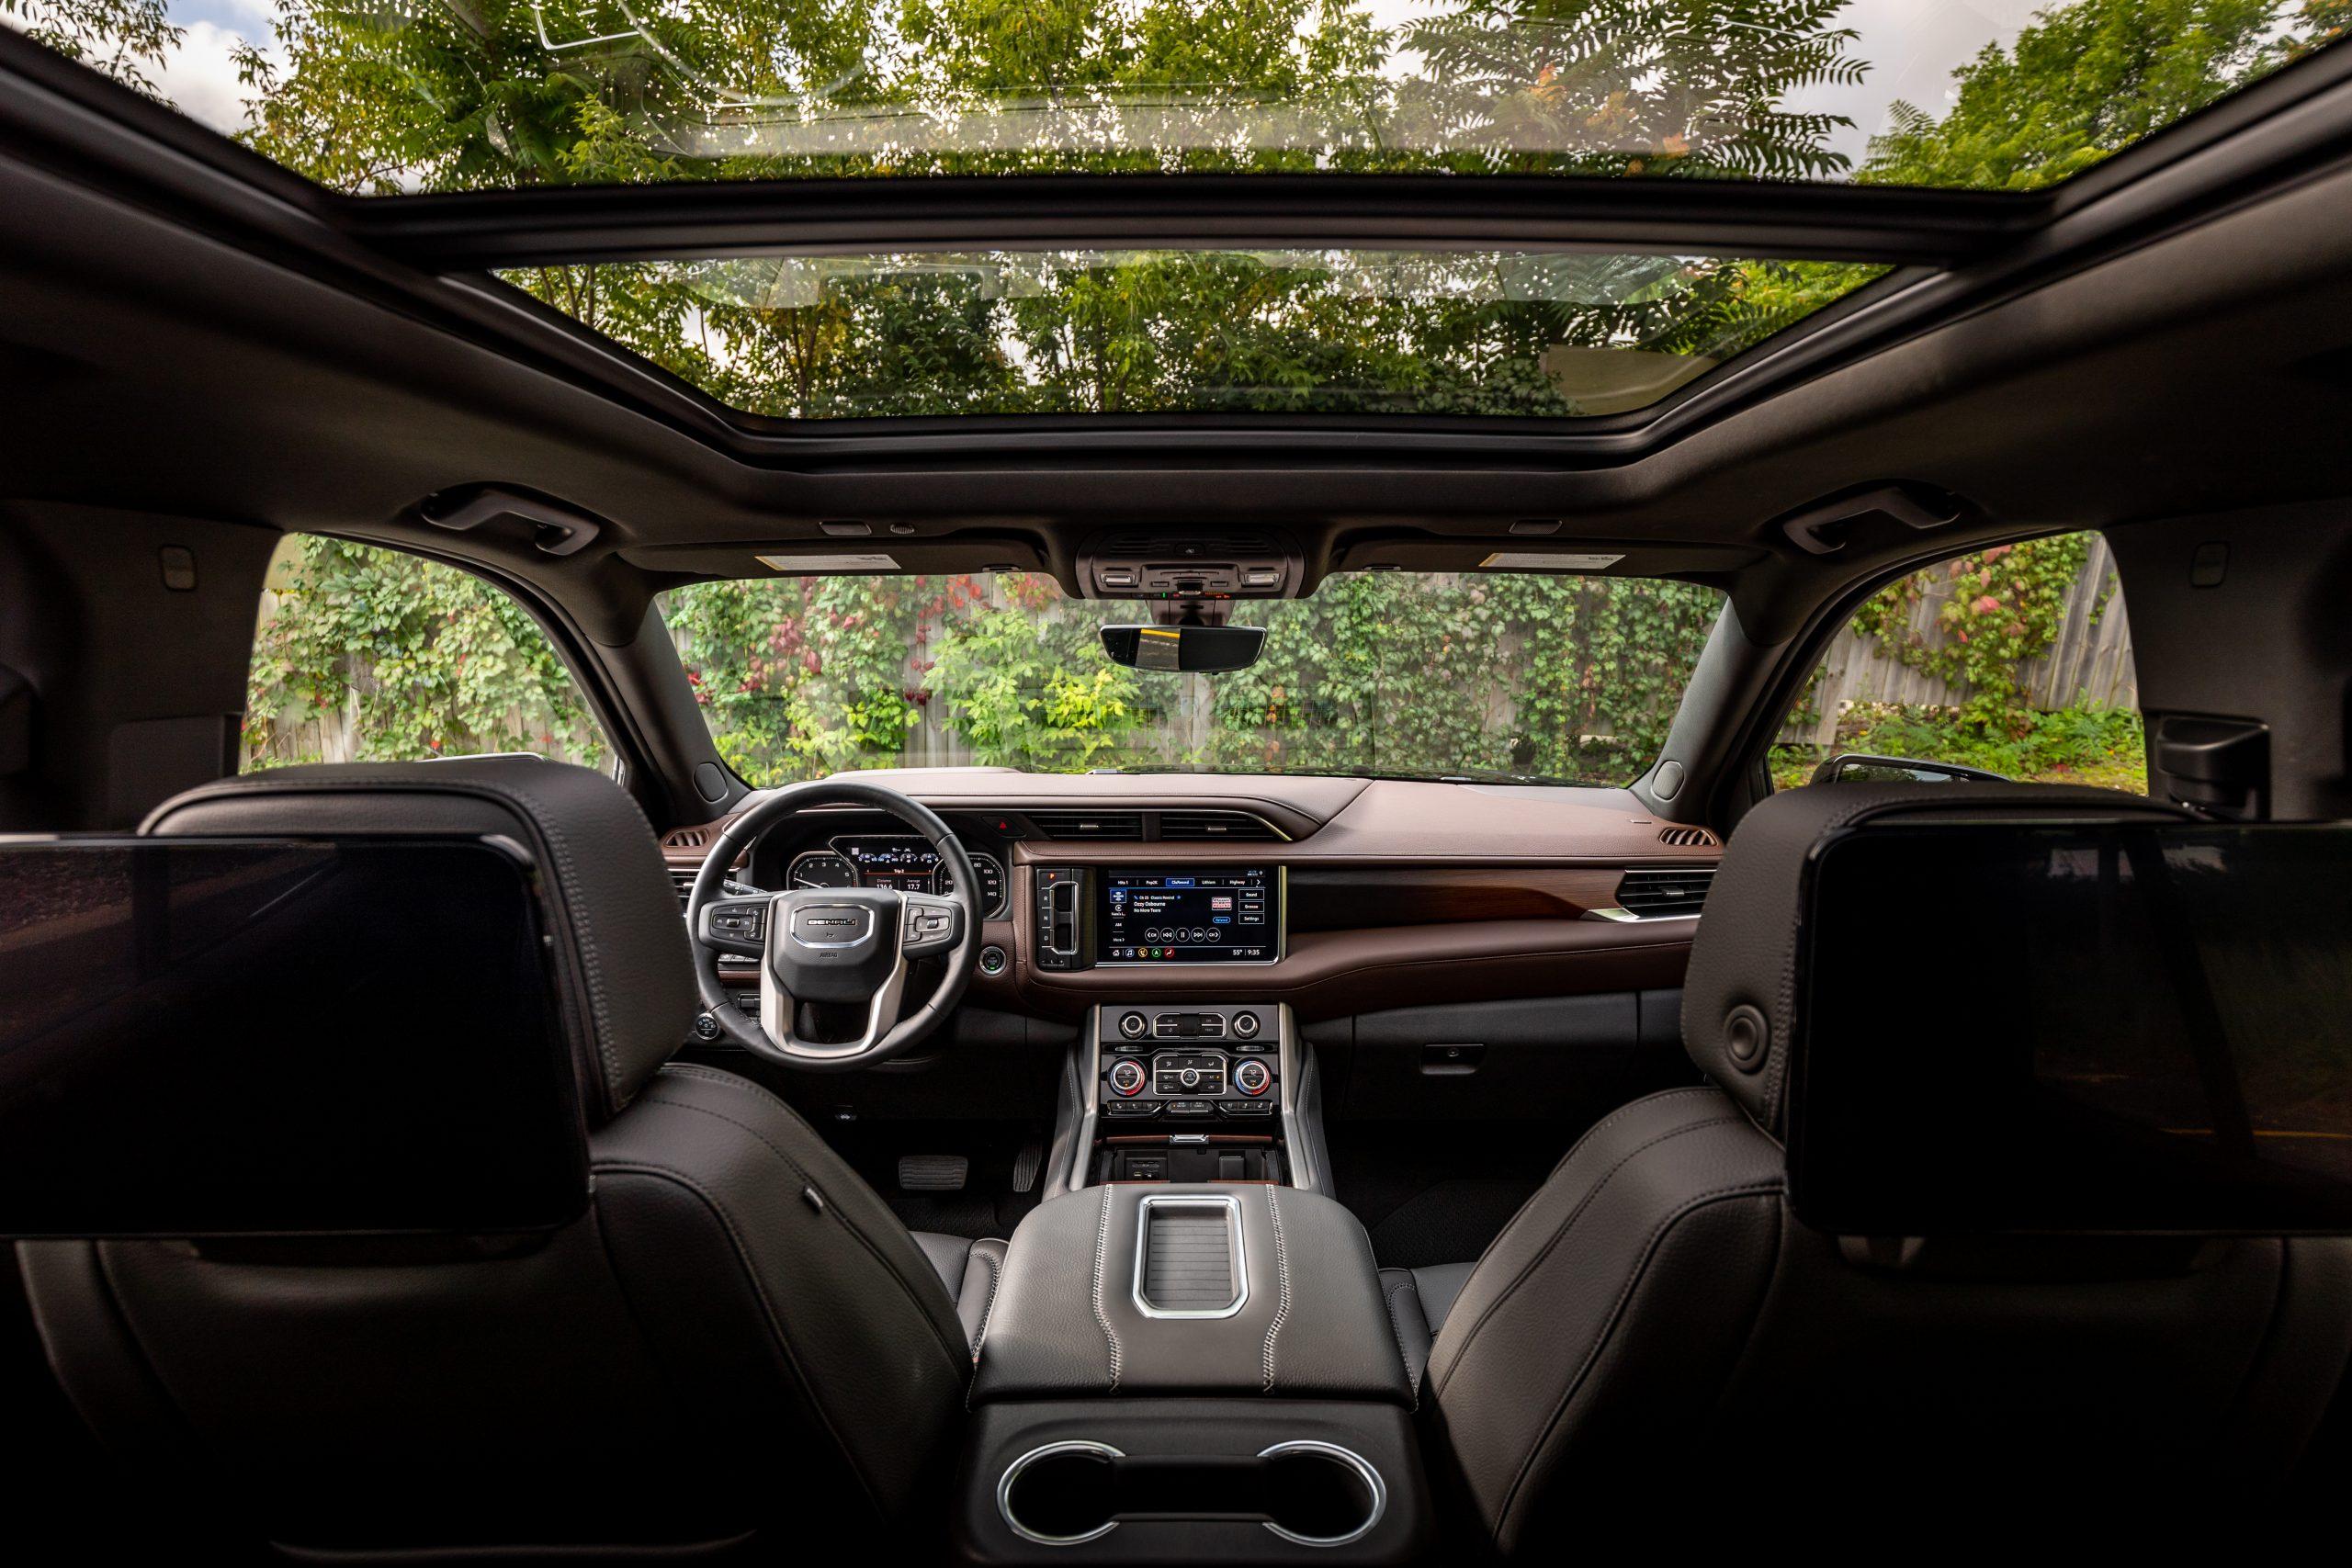 2021 Yukon Denali second row interior view